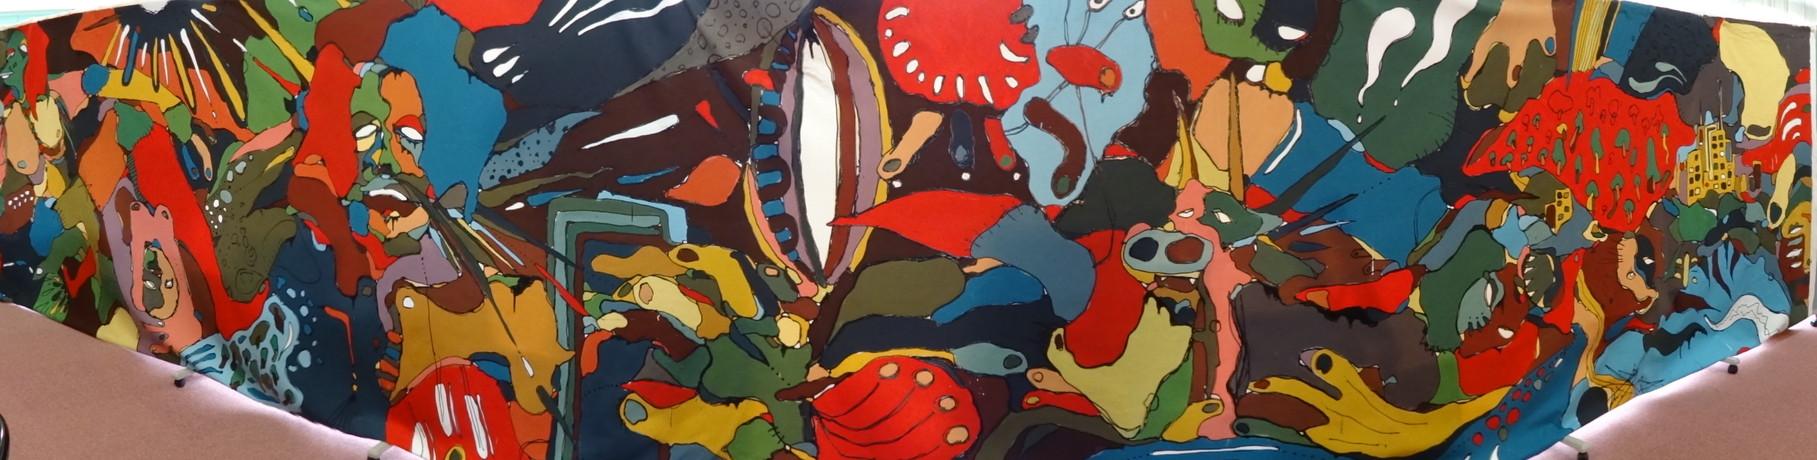 ボンドで黒く着色しアクリル絵の具と混ぜて描いてあります。